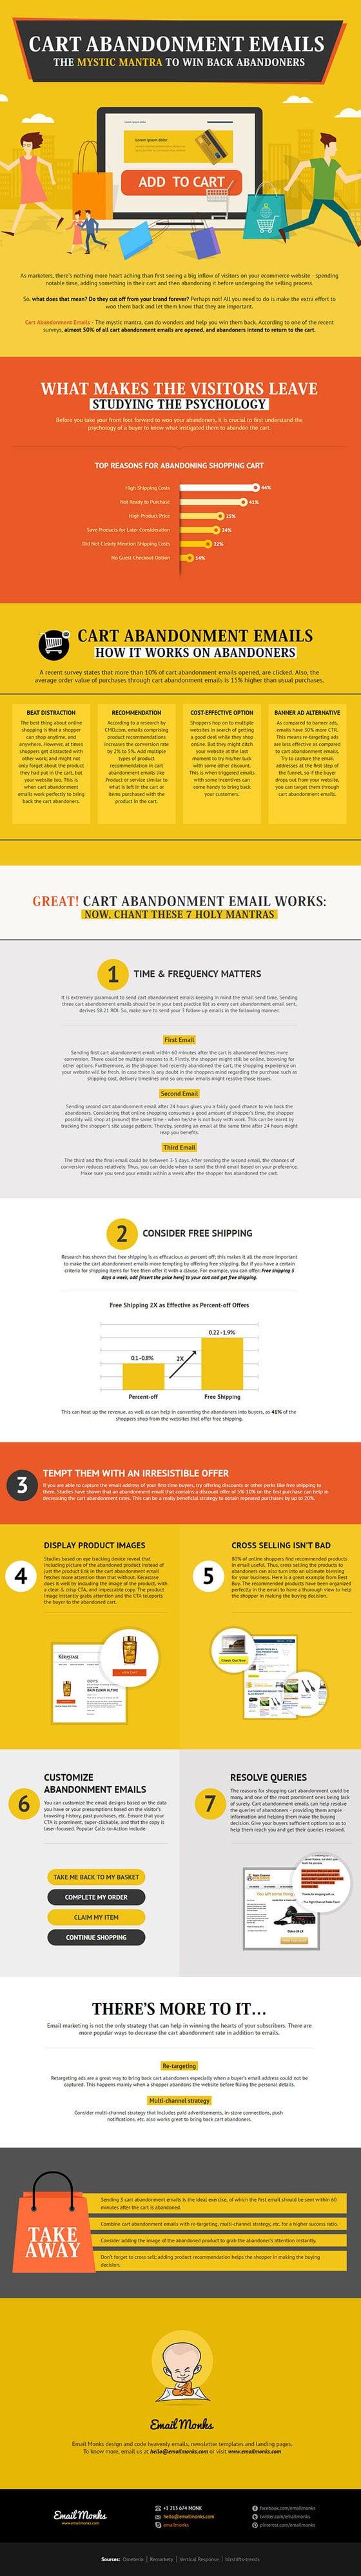 infographic-650